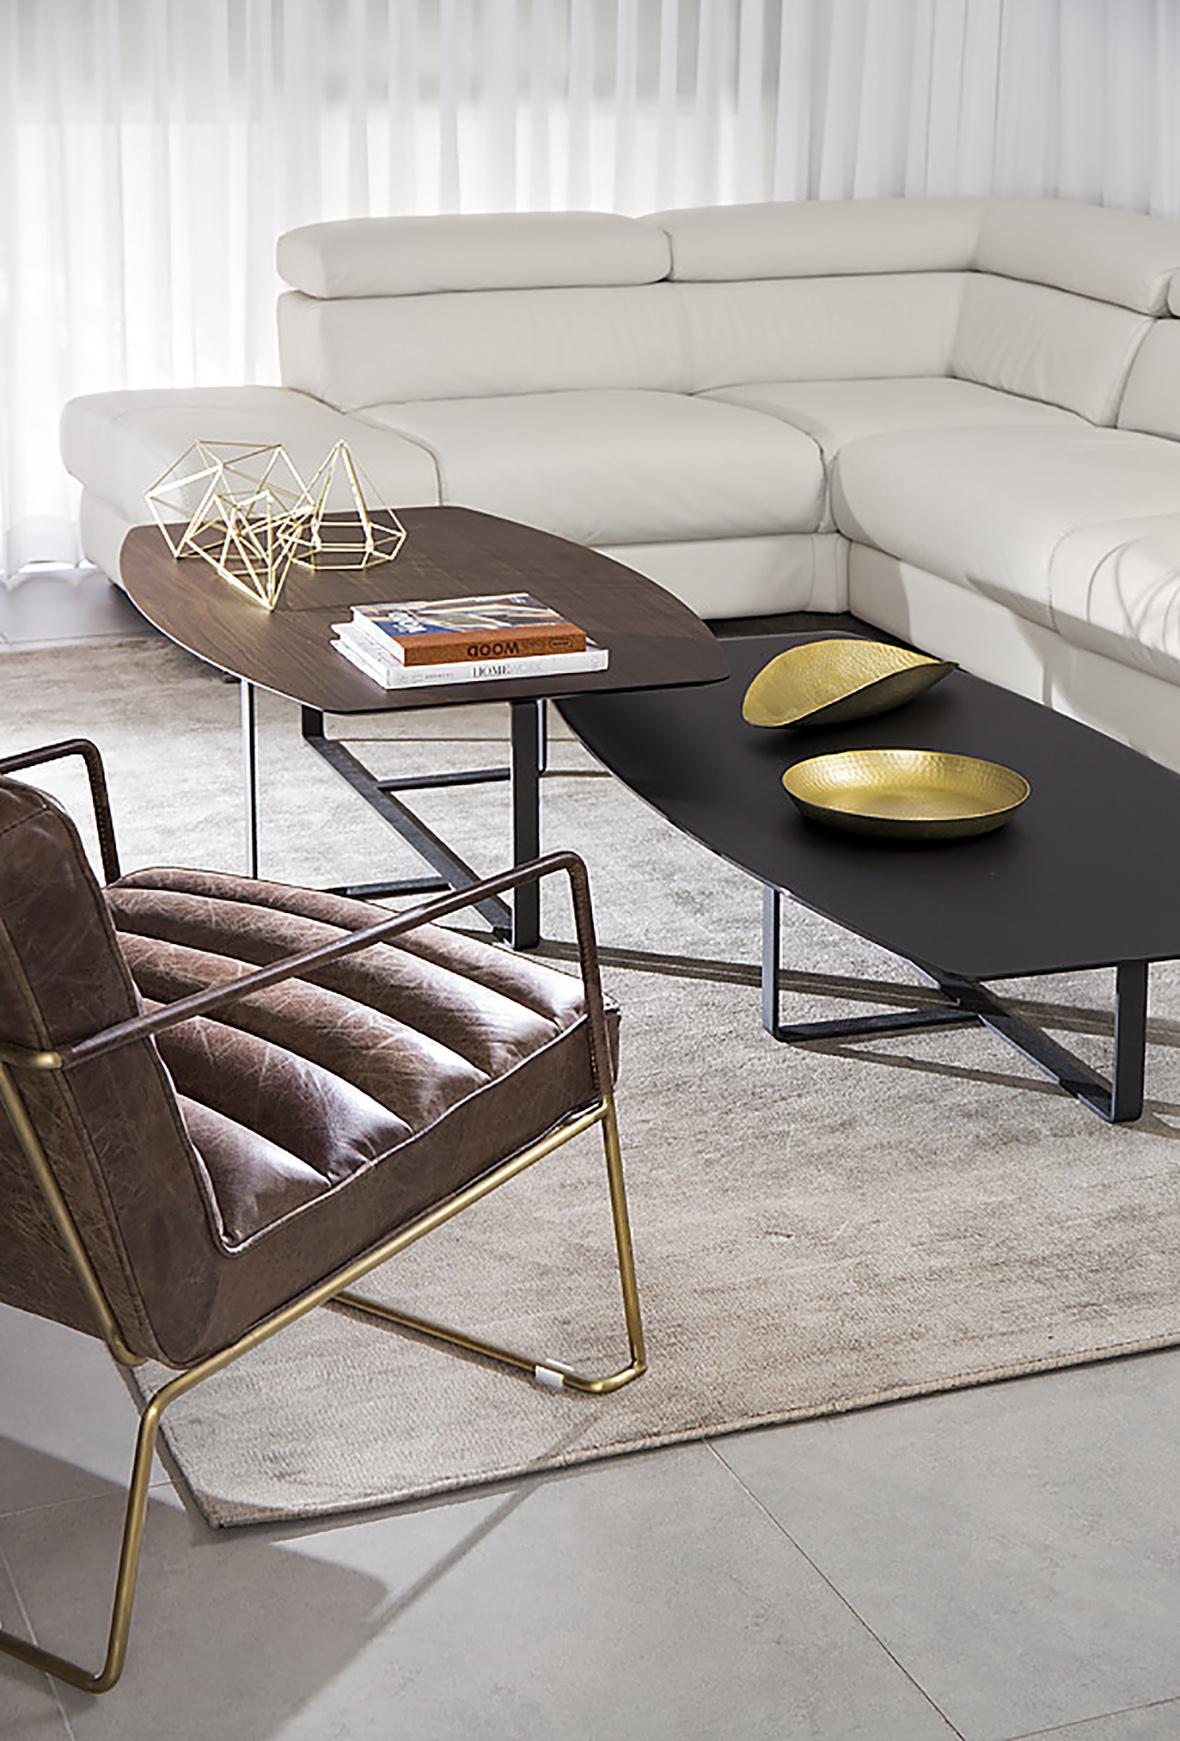 תמונה של עיצוב הסלון ארז חייט